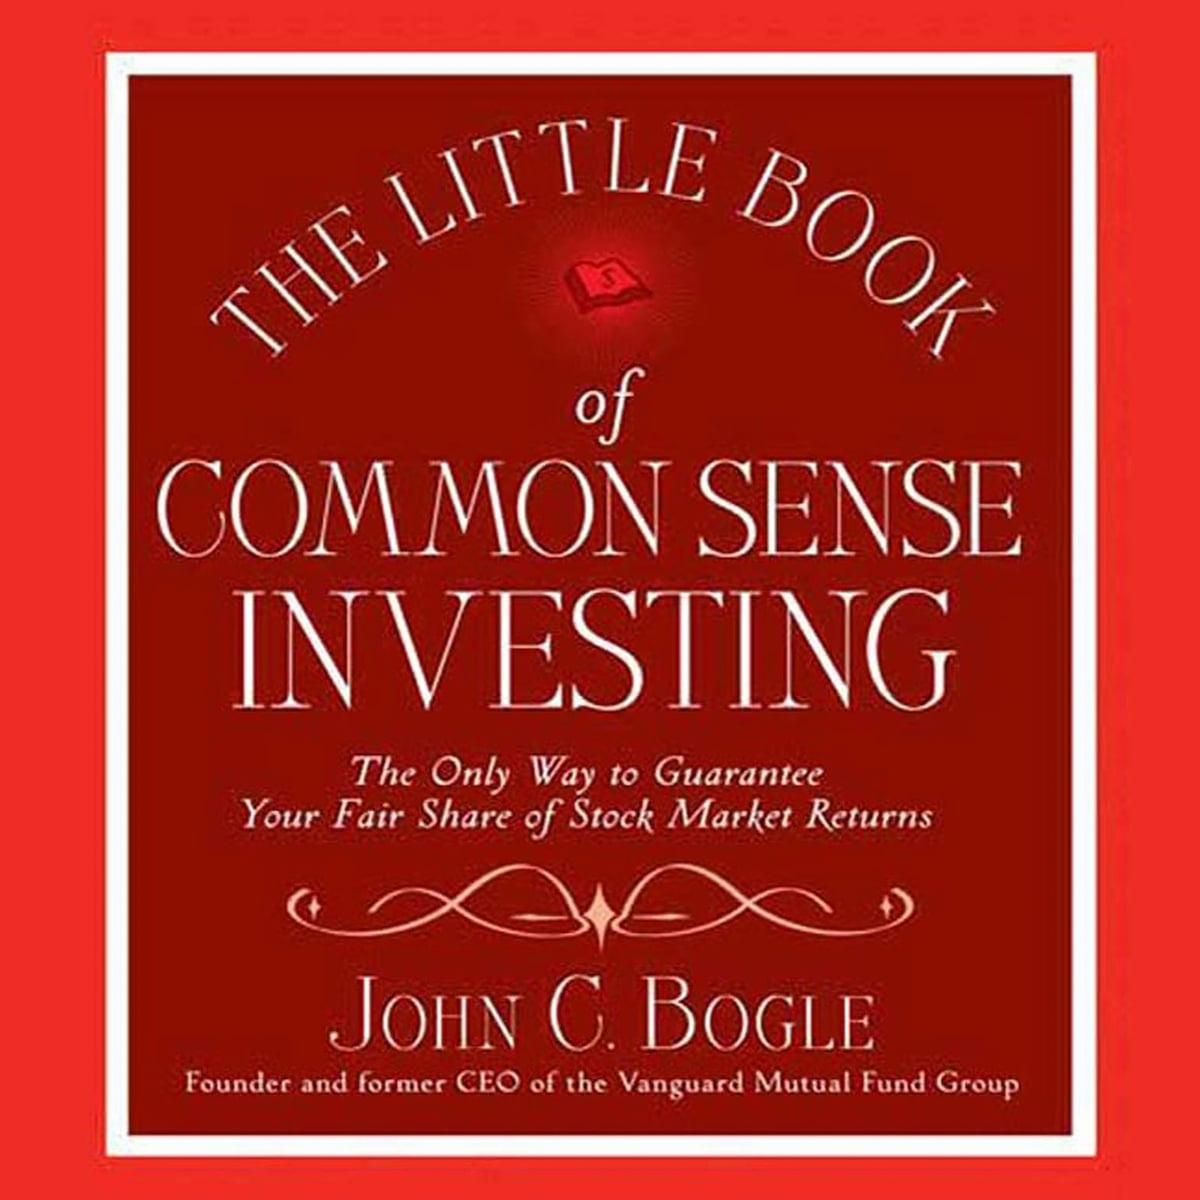 The Little Book of Common Sense Investing Audiobook by John C. Bogle - 9781427201461 | Rakuten Kobo